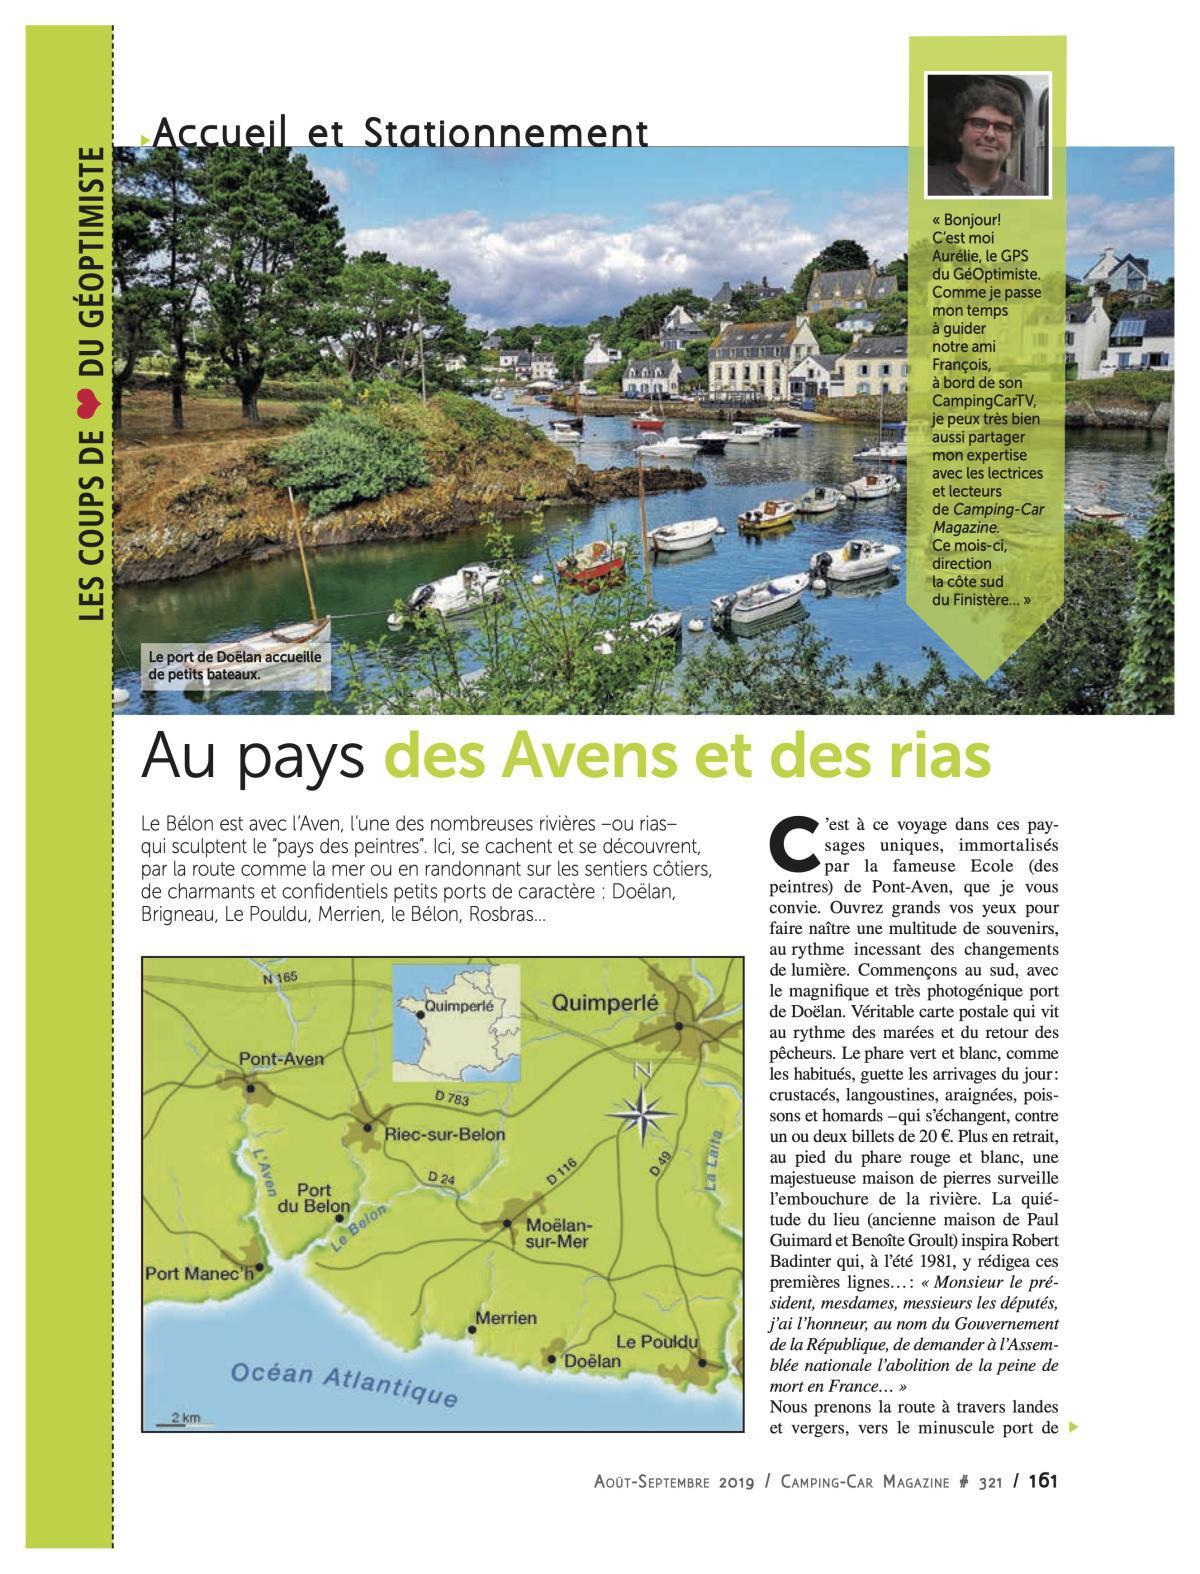 Pays de l'Aven - CCM 321